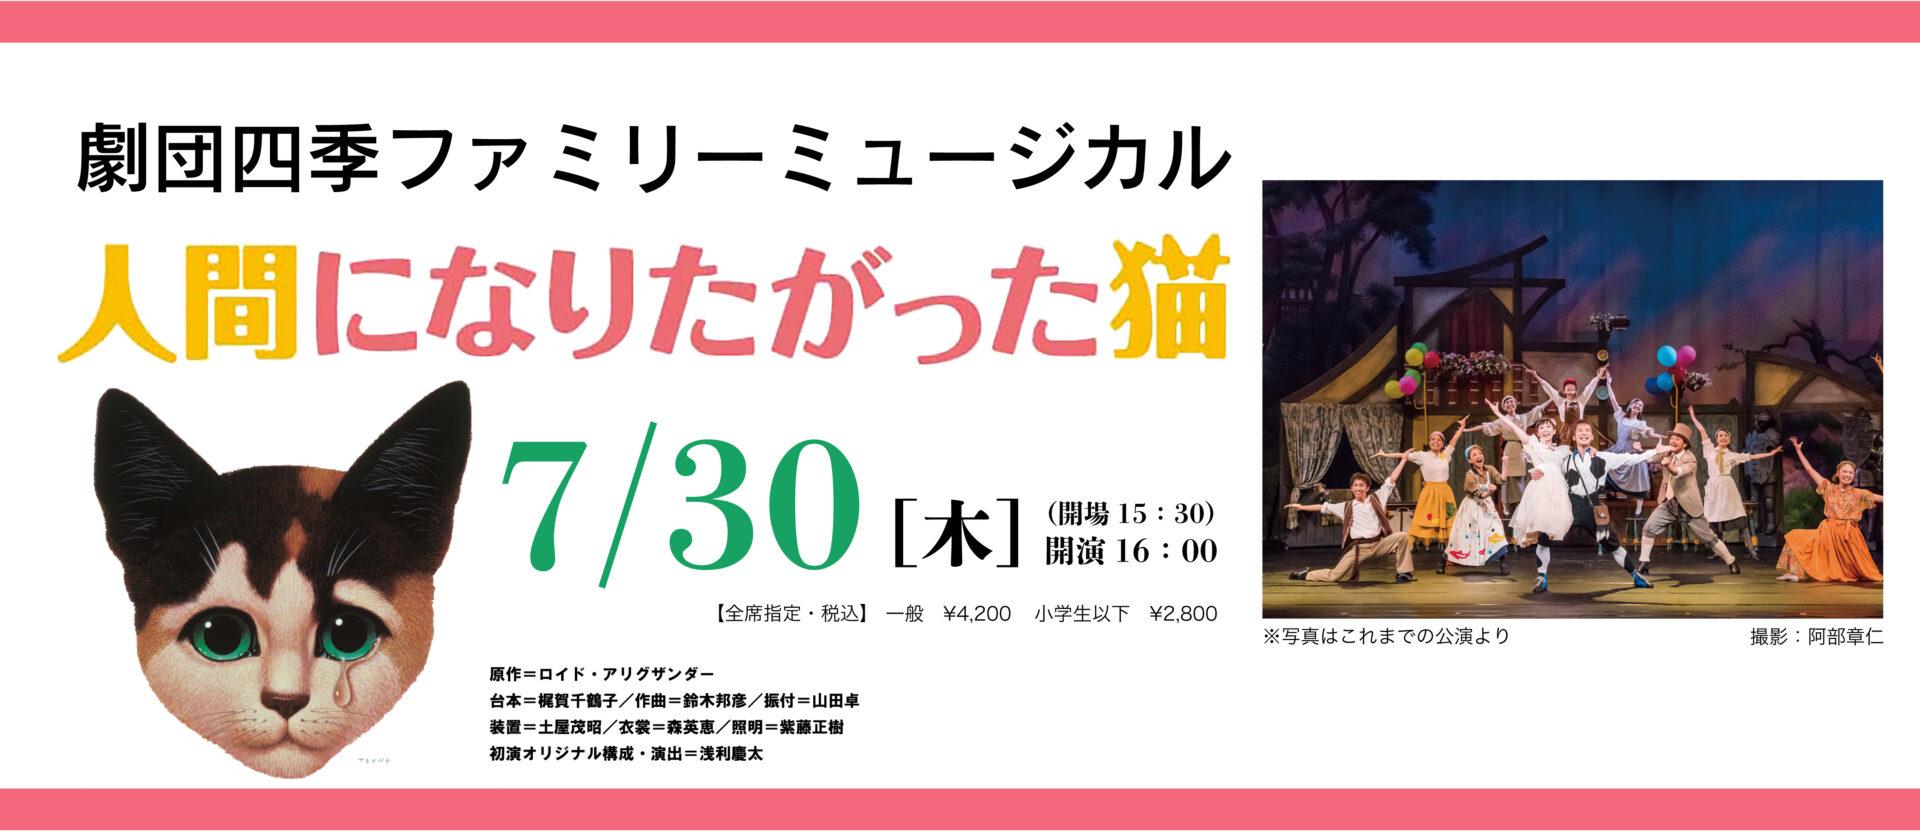 劇団四季ファミリーミュージカル『人間になりたがった猫』